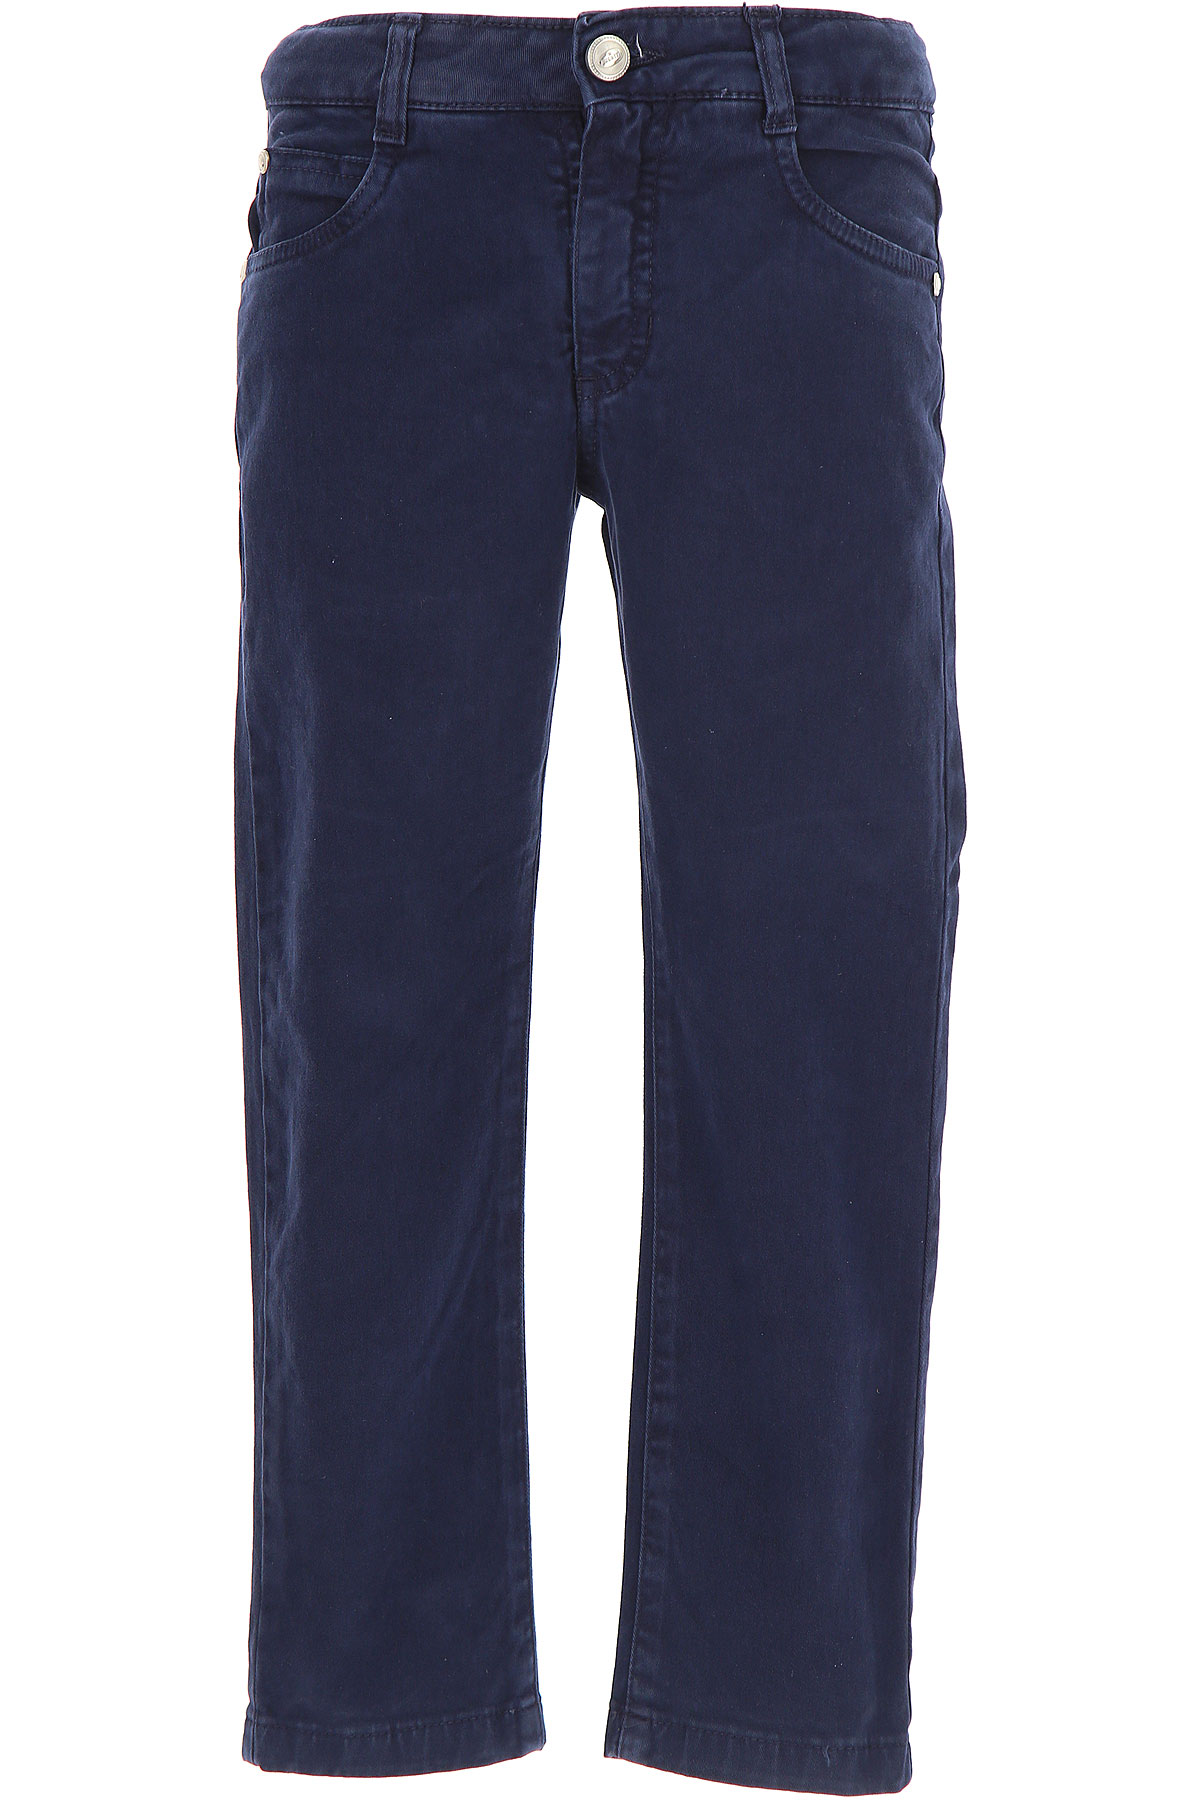 Image of Bugatti Kids Jeans for Boys, Blue Denim, Cotton, 2017, 2Y 3Y 4Y 5Y 6Y 7Y